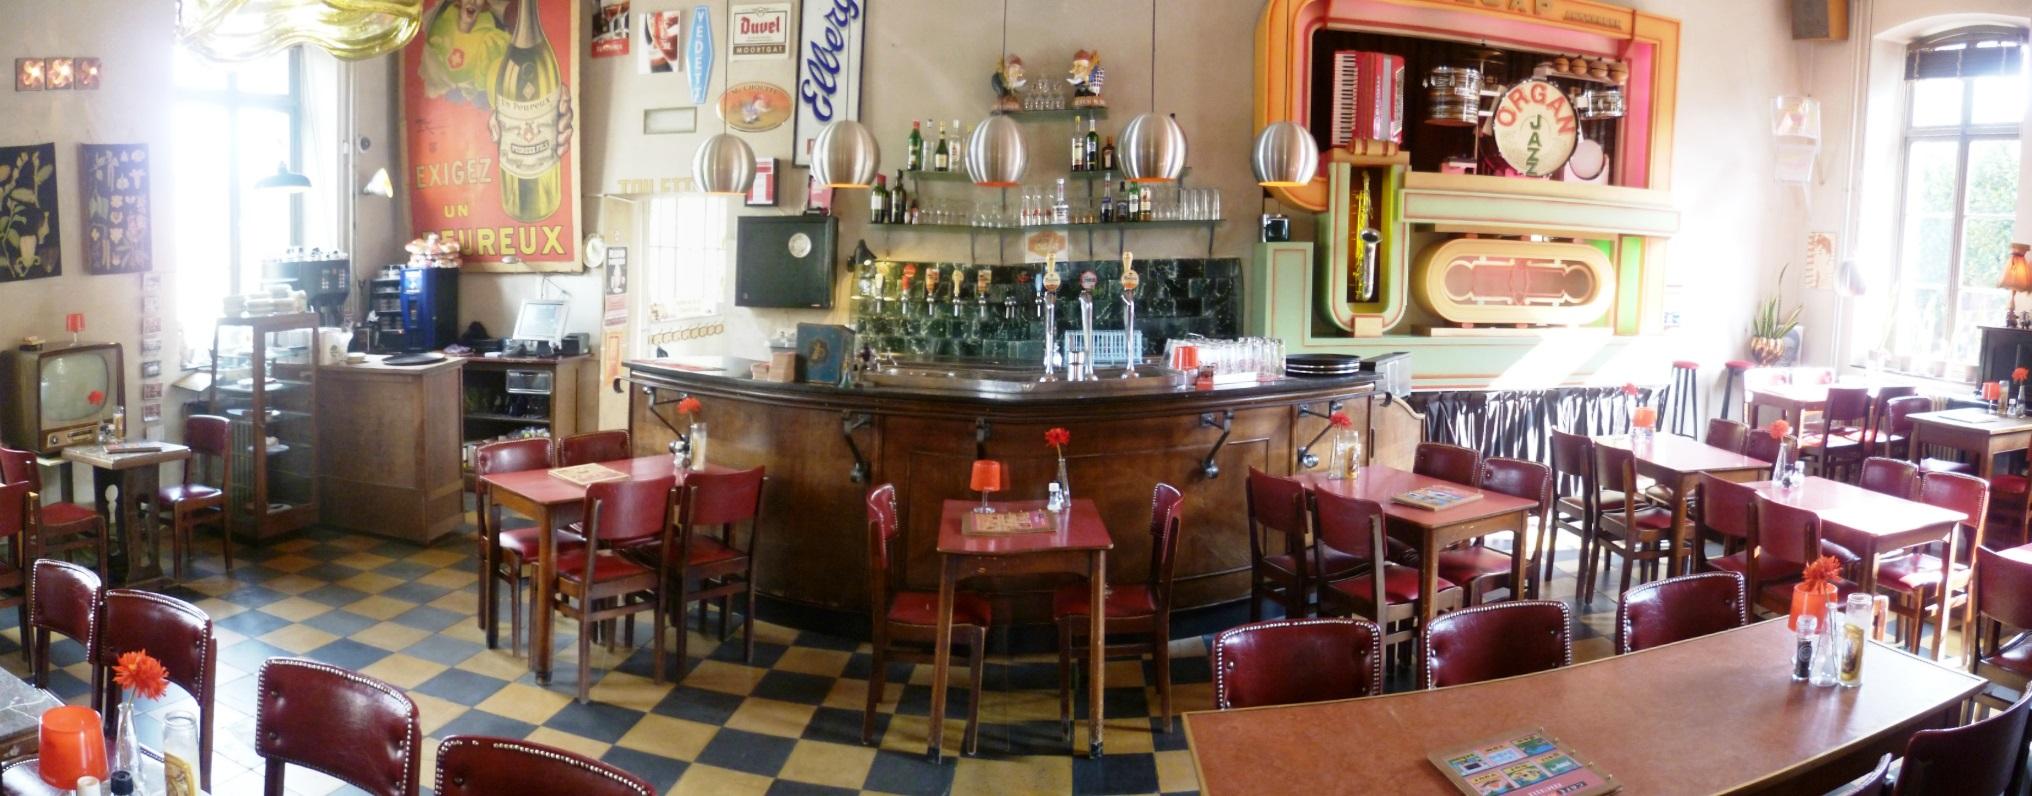 Cafe Modern Teuven